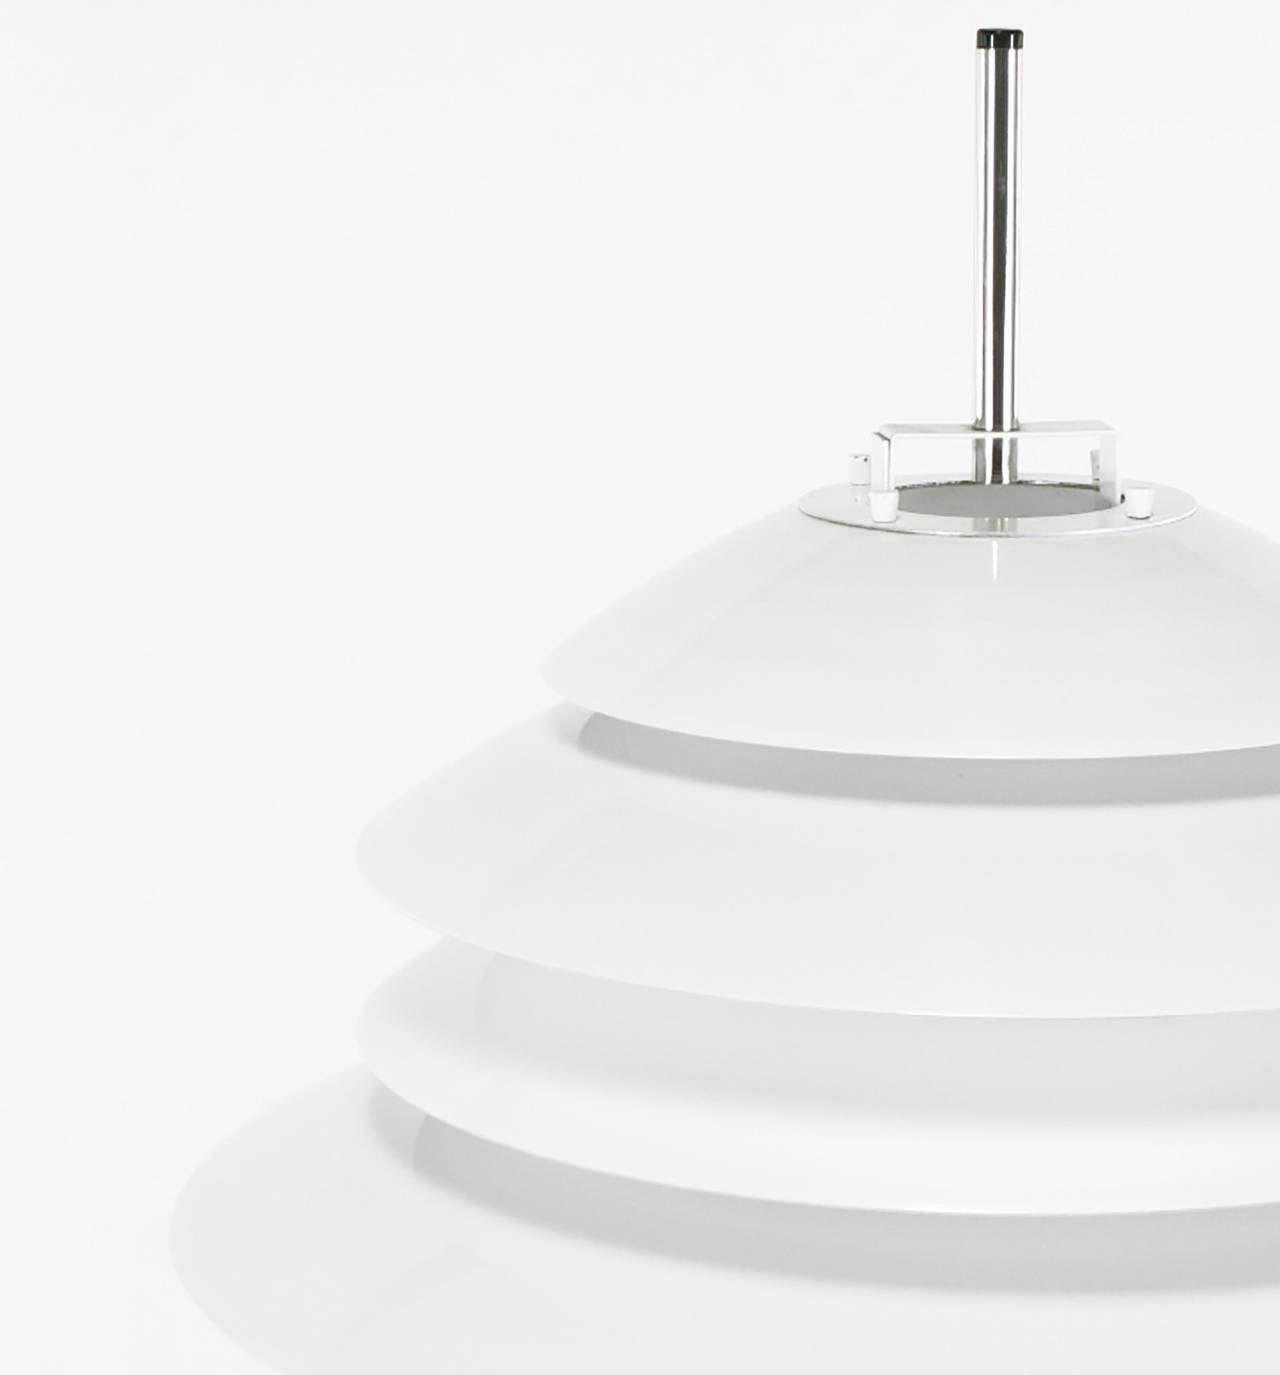 Mid-20th Century Sonneman Chrome and White Enamel Floor Lamp For Sale